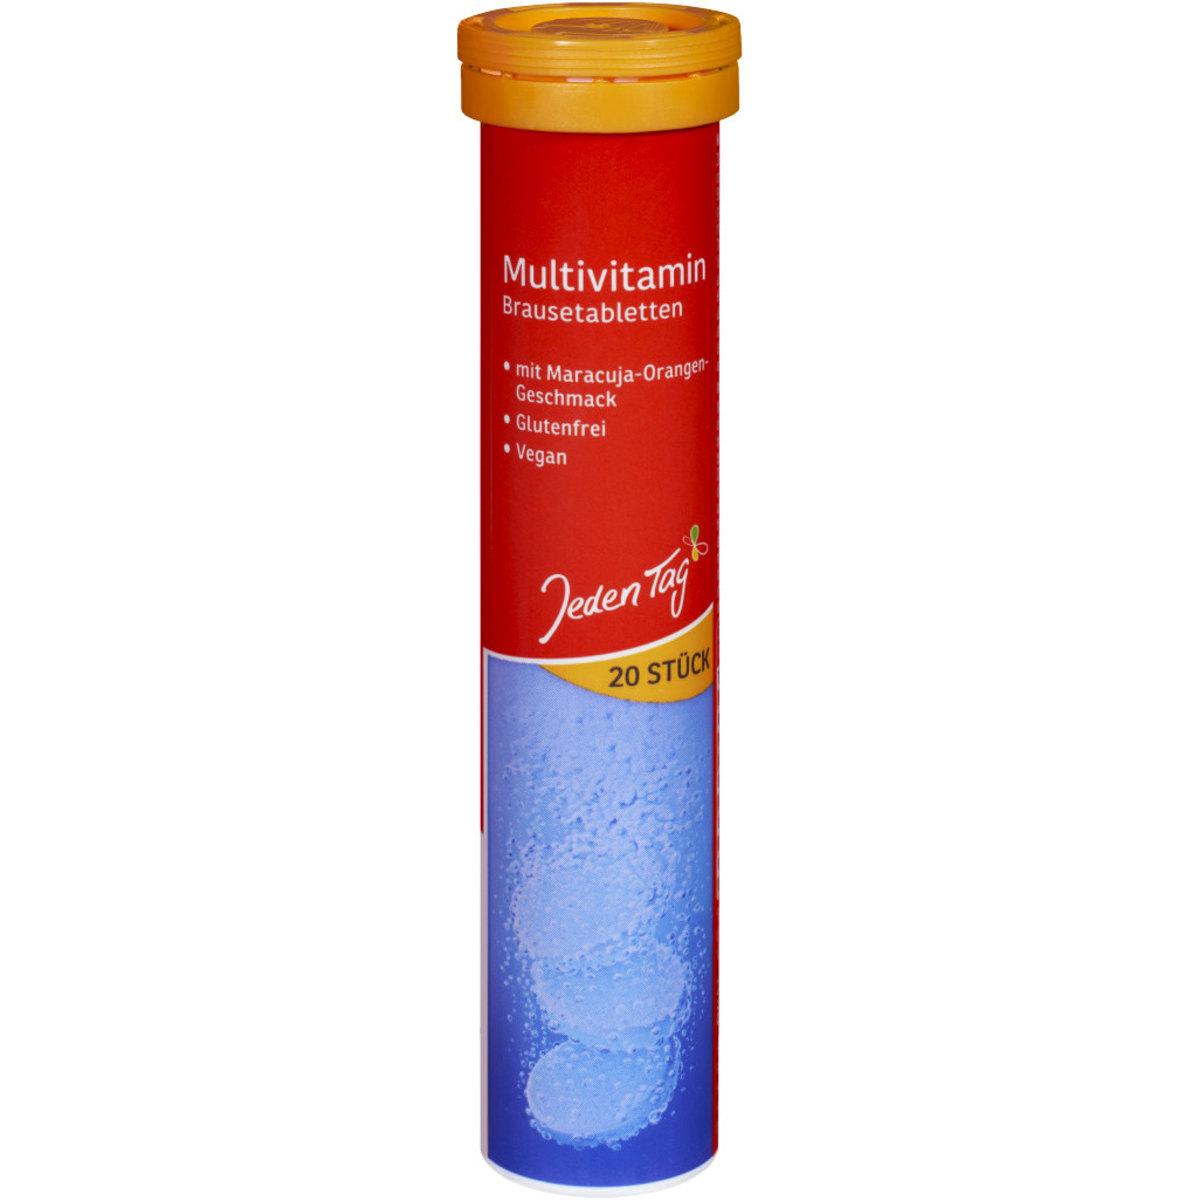 JT Brausetabletten Multivitamin 20er